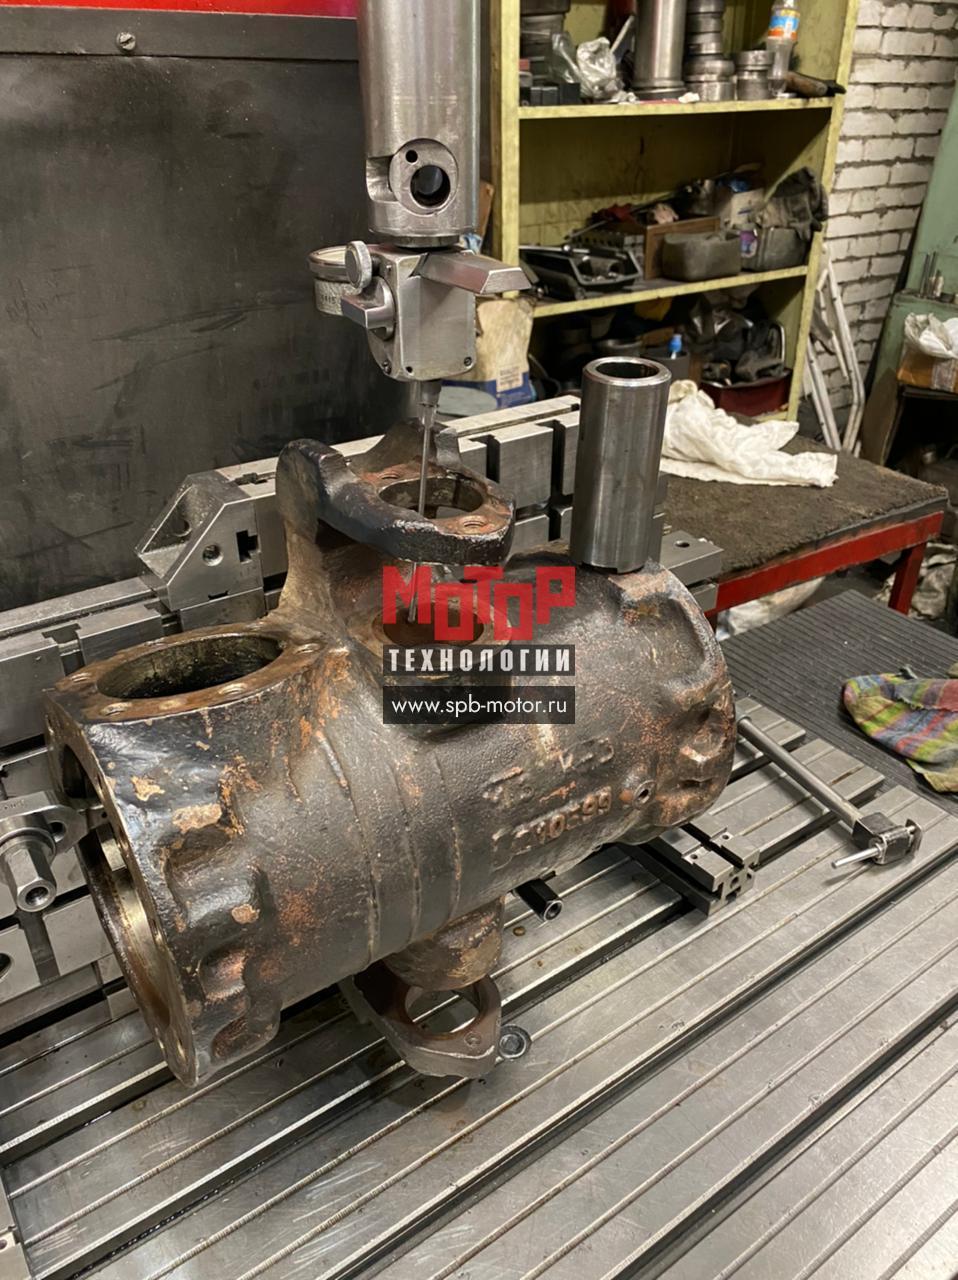 Работы по ремонту двигателей